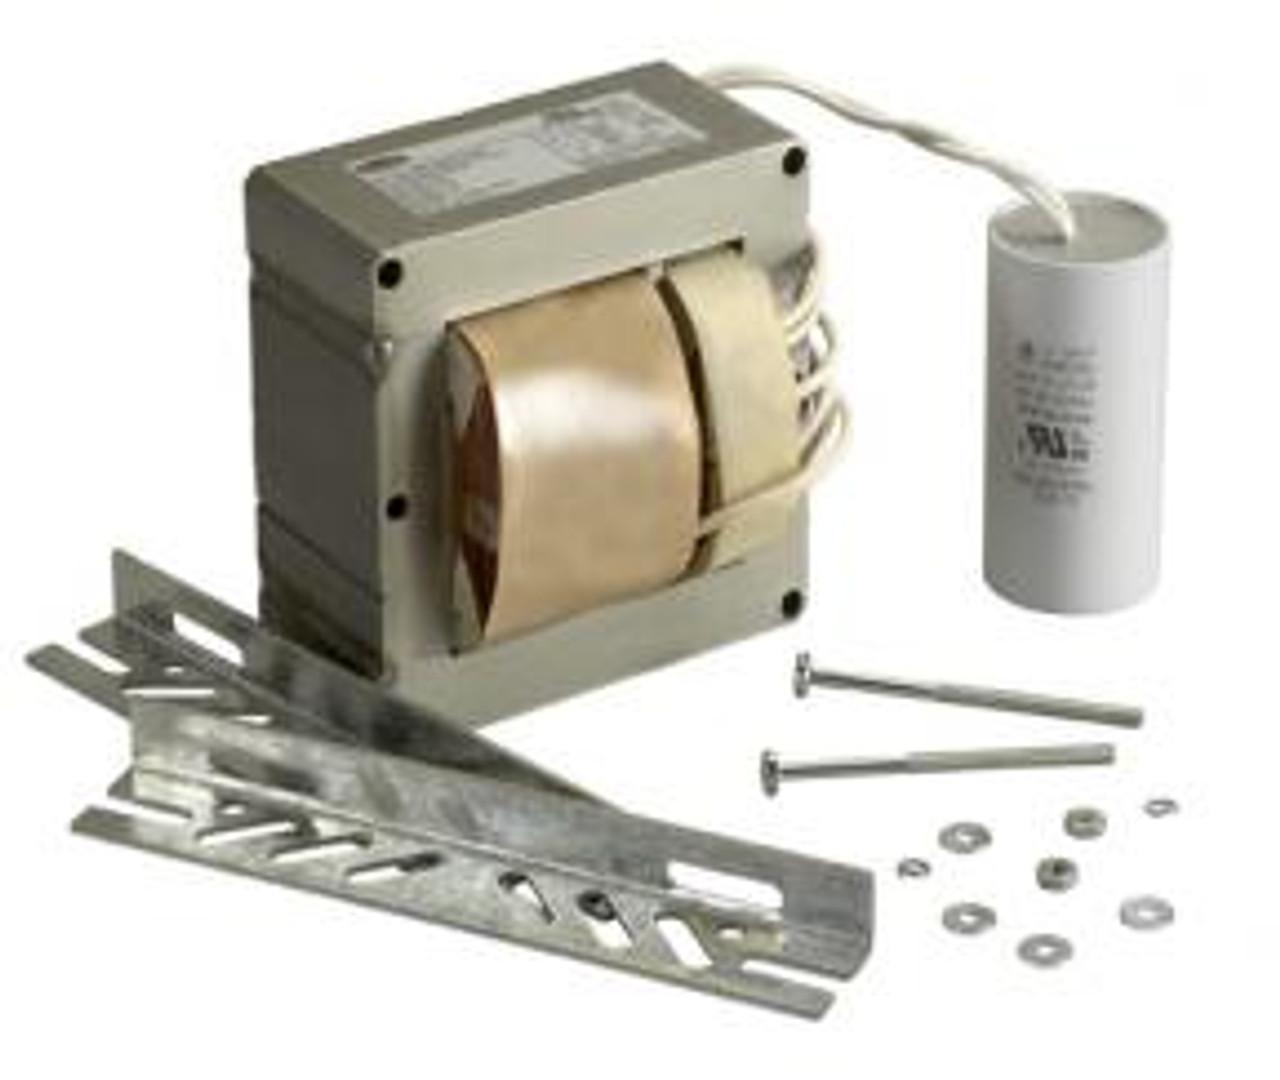 Metal Halide Ballast Kit 70W 4-Tap 120V 208V 240V 277V